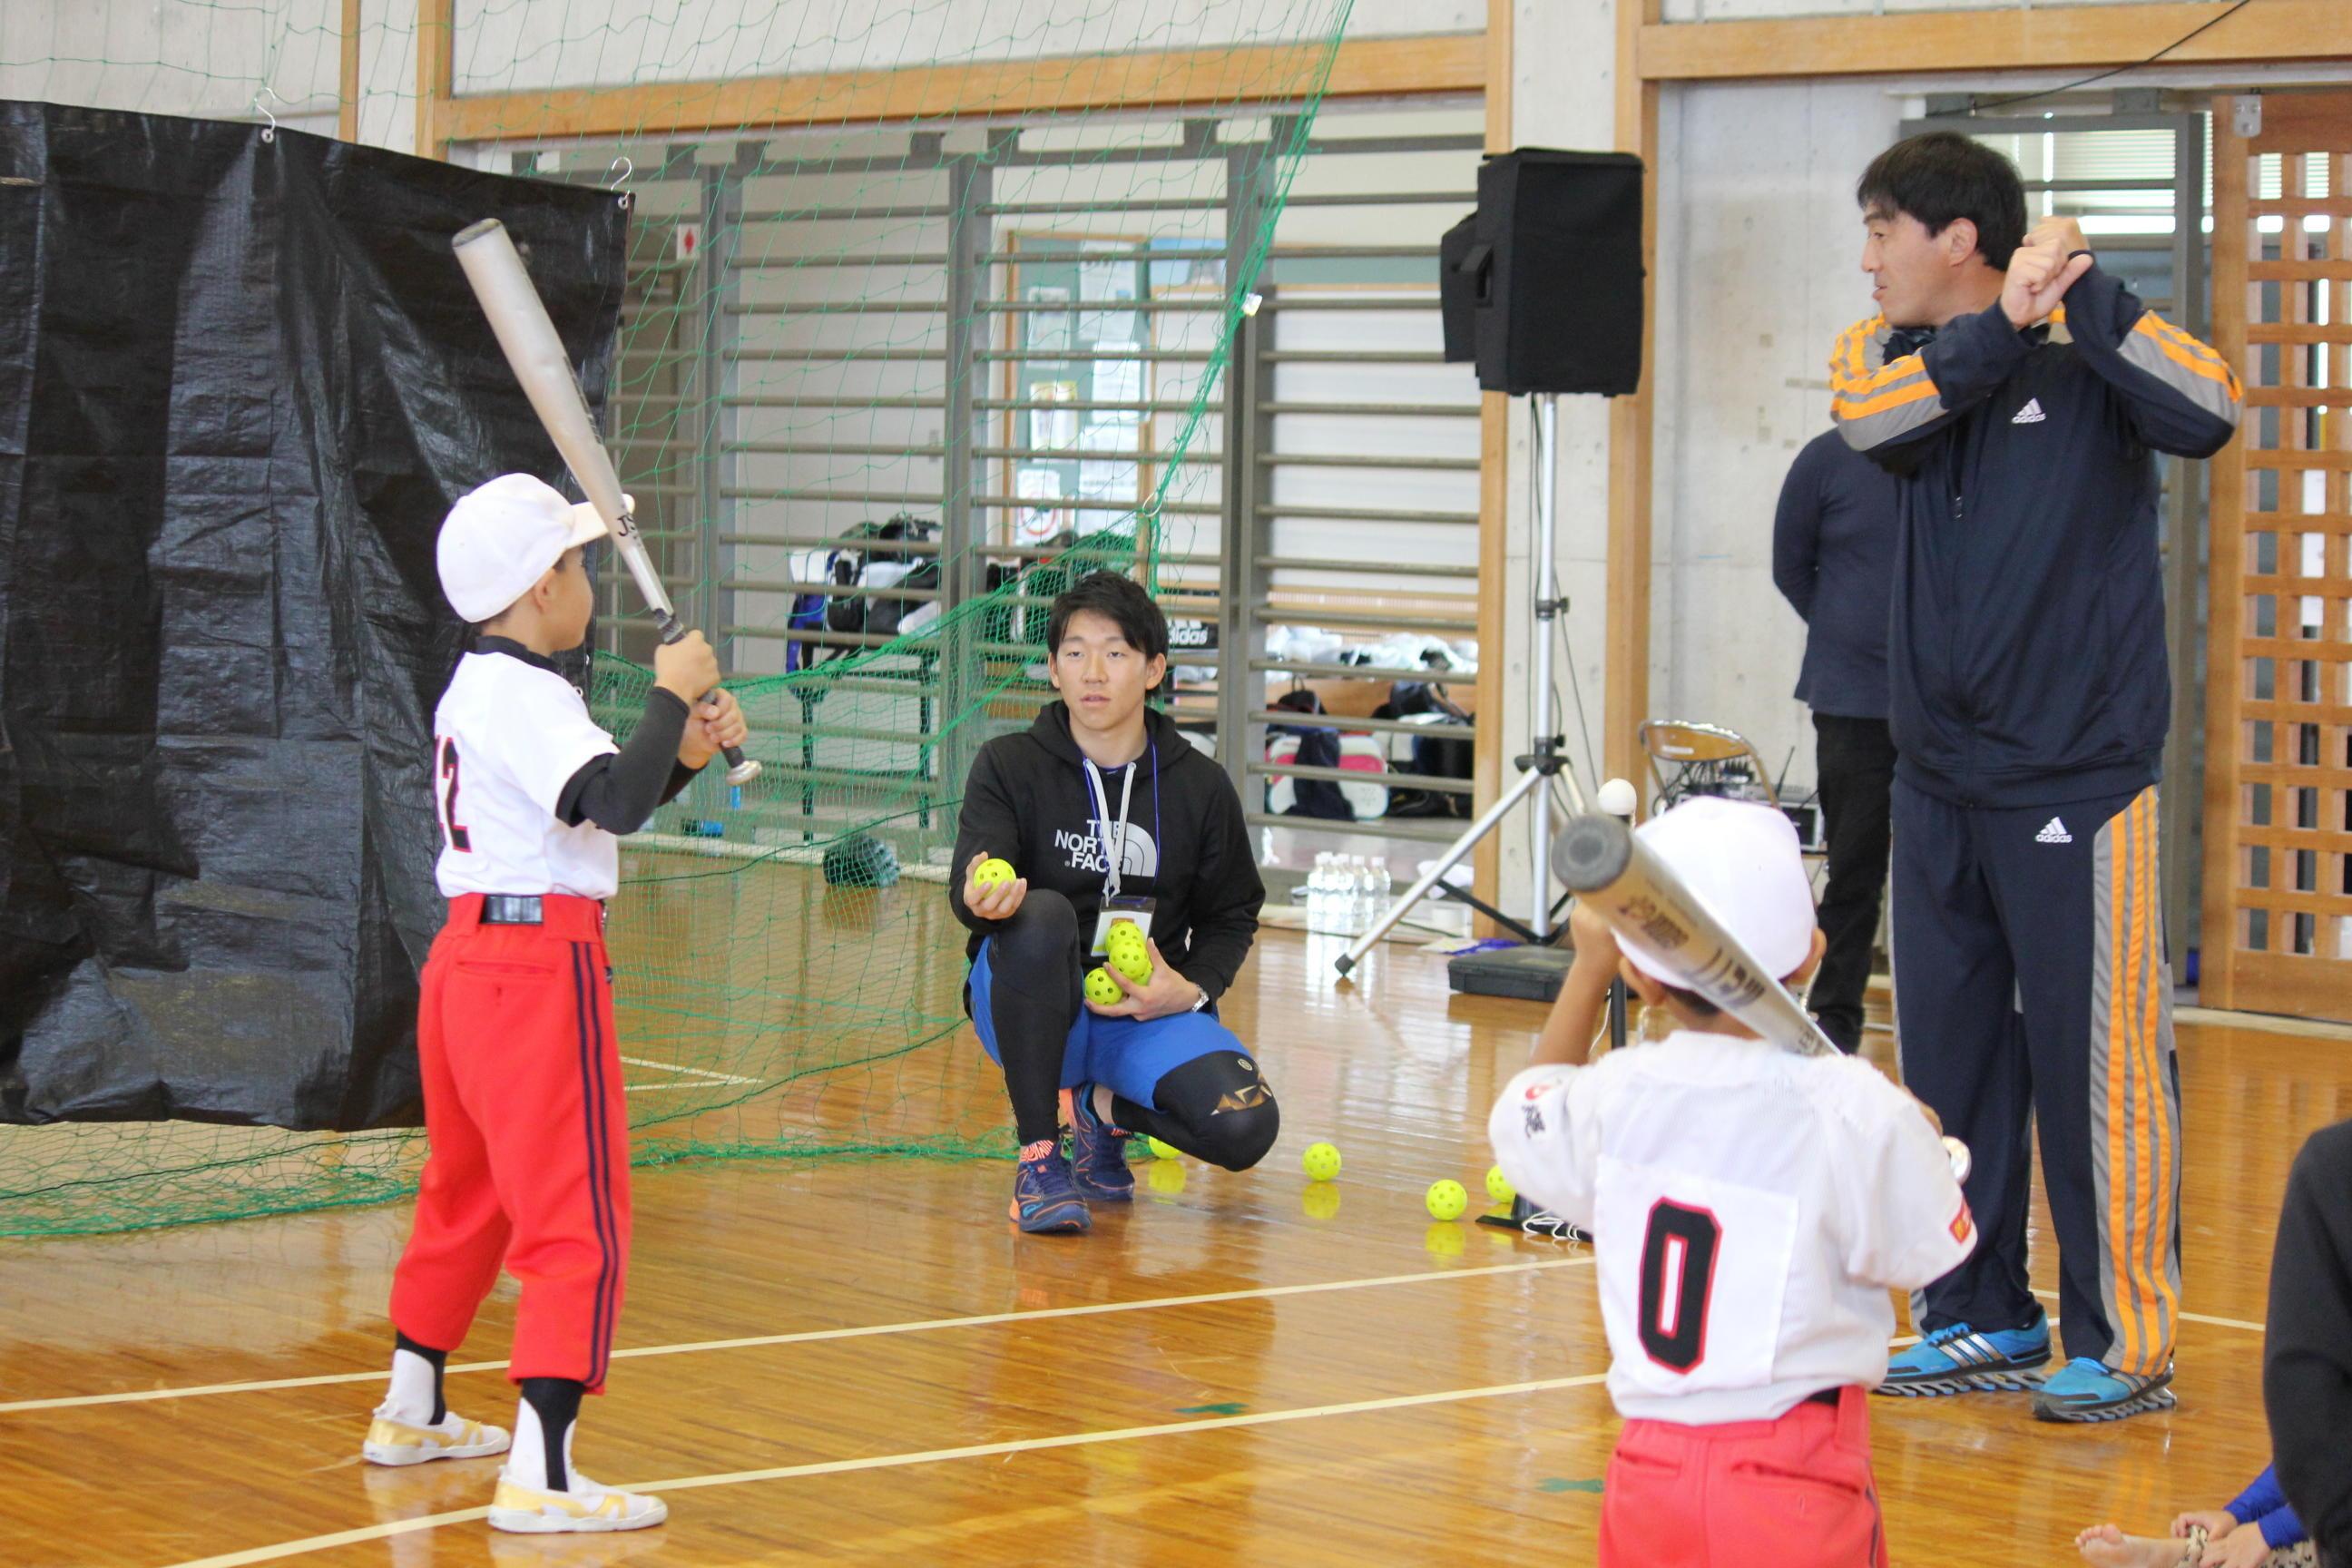 http://news.yoshimoto.co.jp/20170314192400-c10aea70983ad0105d702a636c7e58c936510c8f.jpg